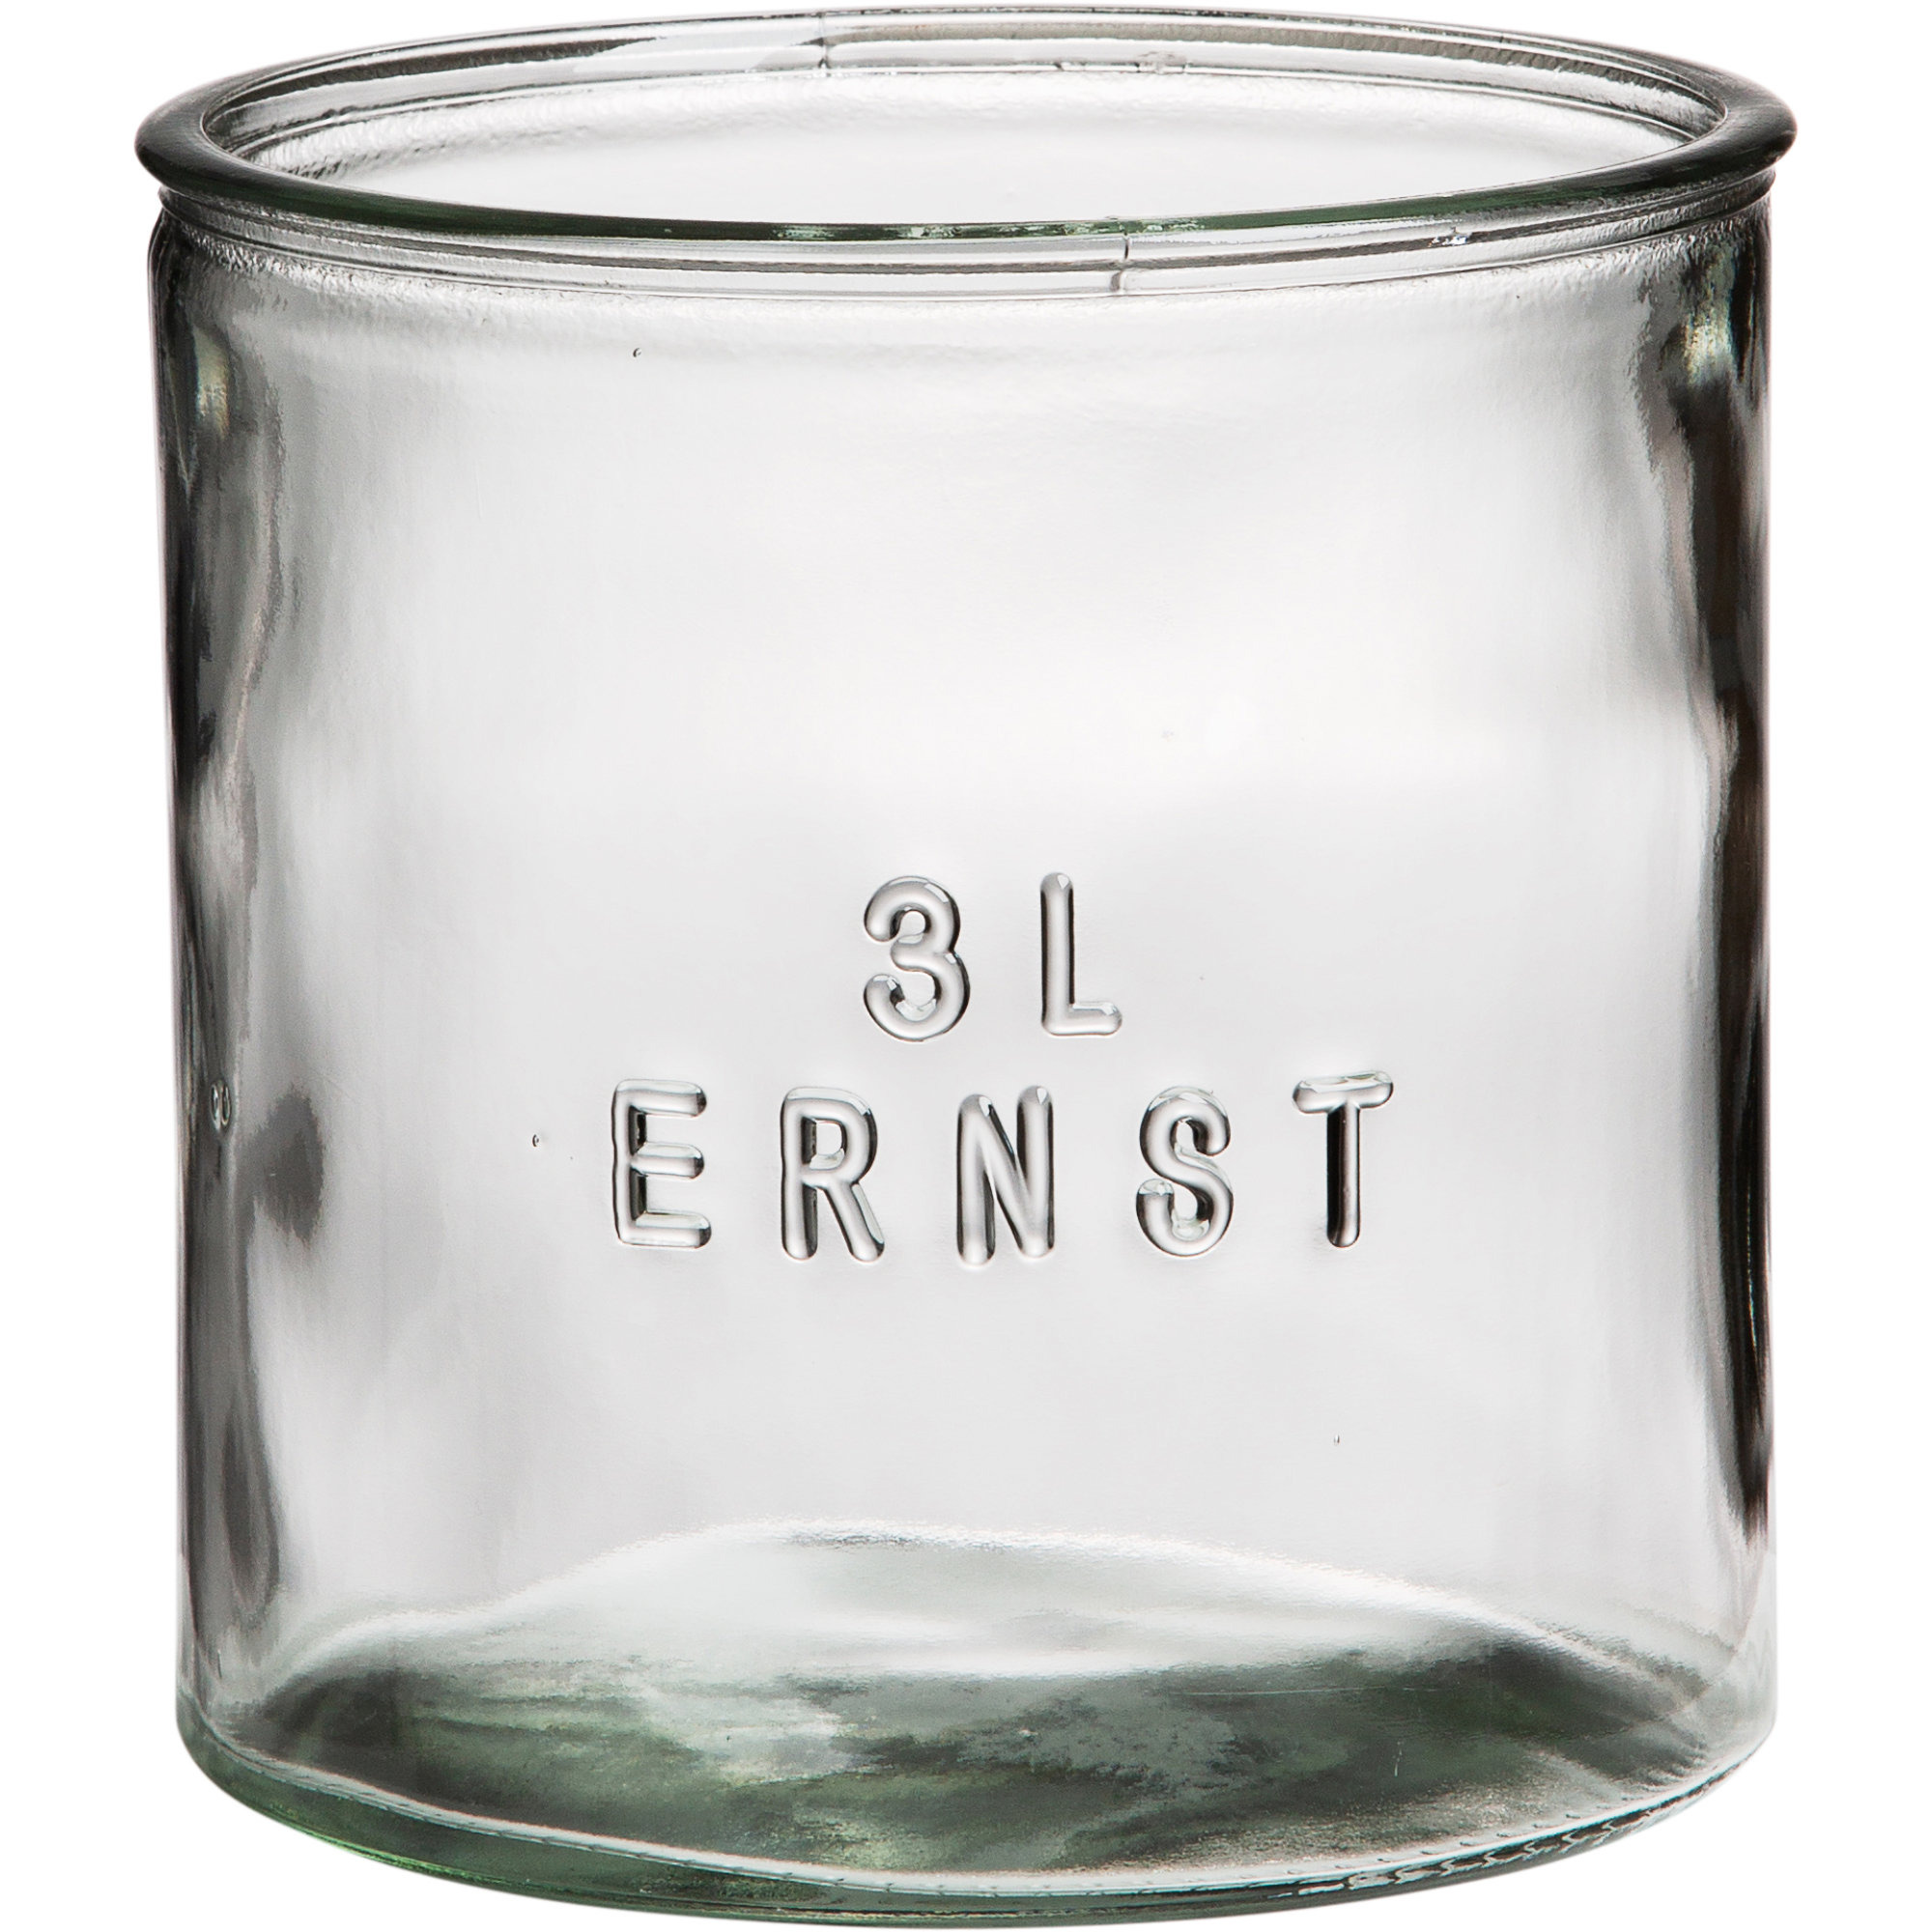 Ernst Glaskruka 3 Liter